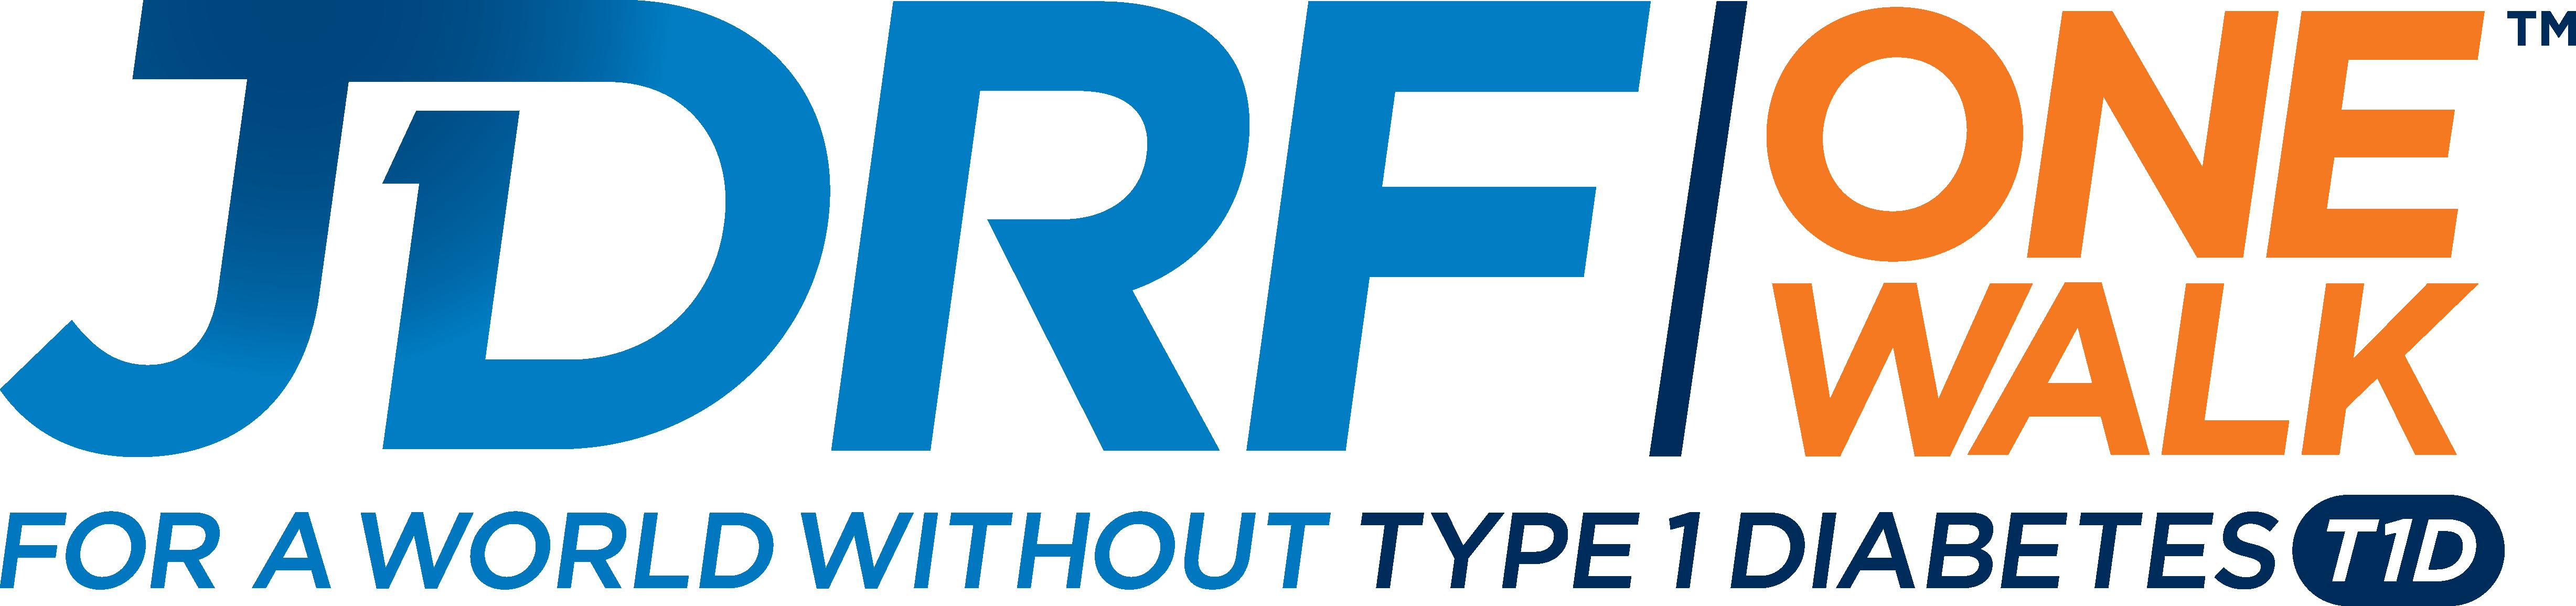 JDRF-One-Walk-3-color-PNG-logo-CMYK - Juvenile Diabetes PNG